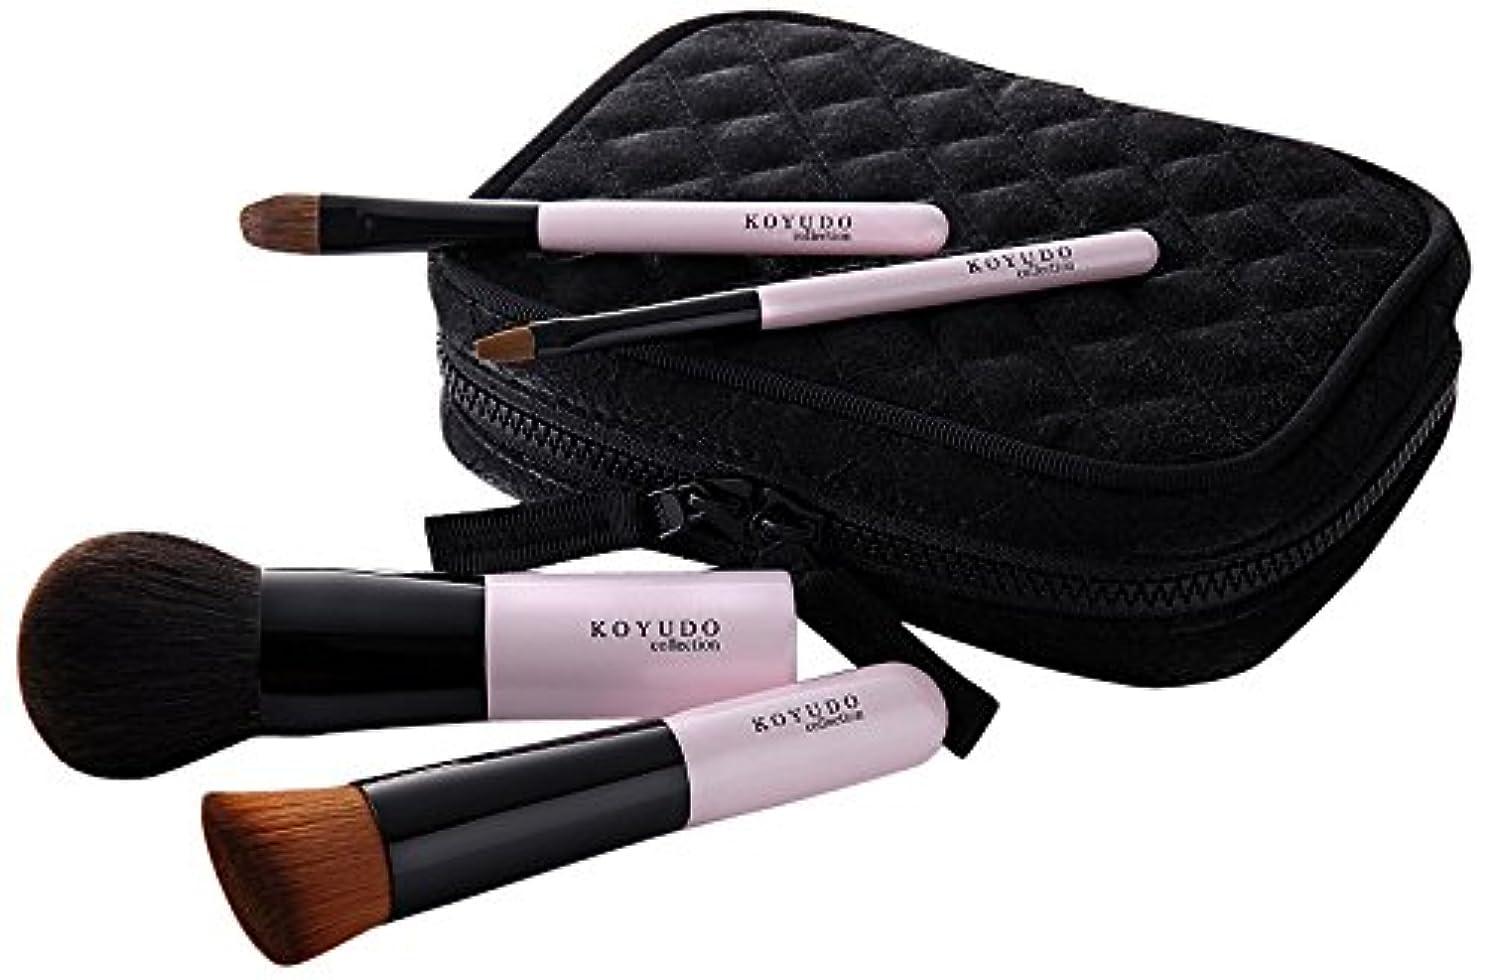 選出するはっきりしない収入熊野筆 Pure(4本セット+ポーチ付きギフト) KOYUDO Collection